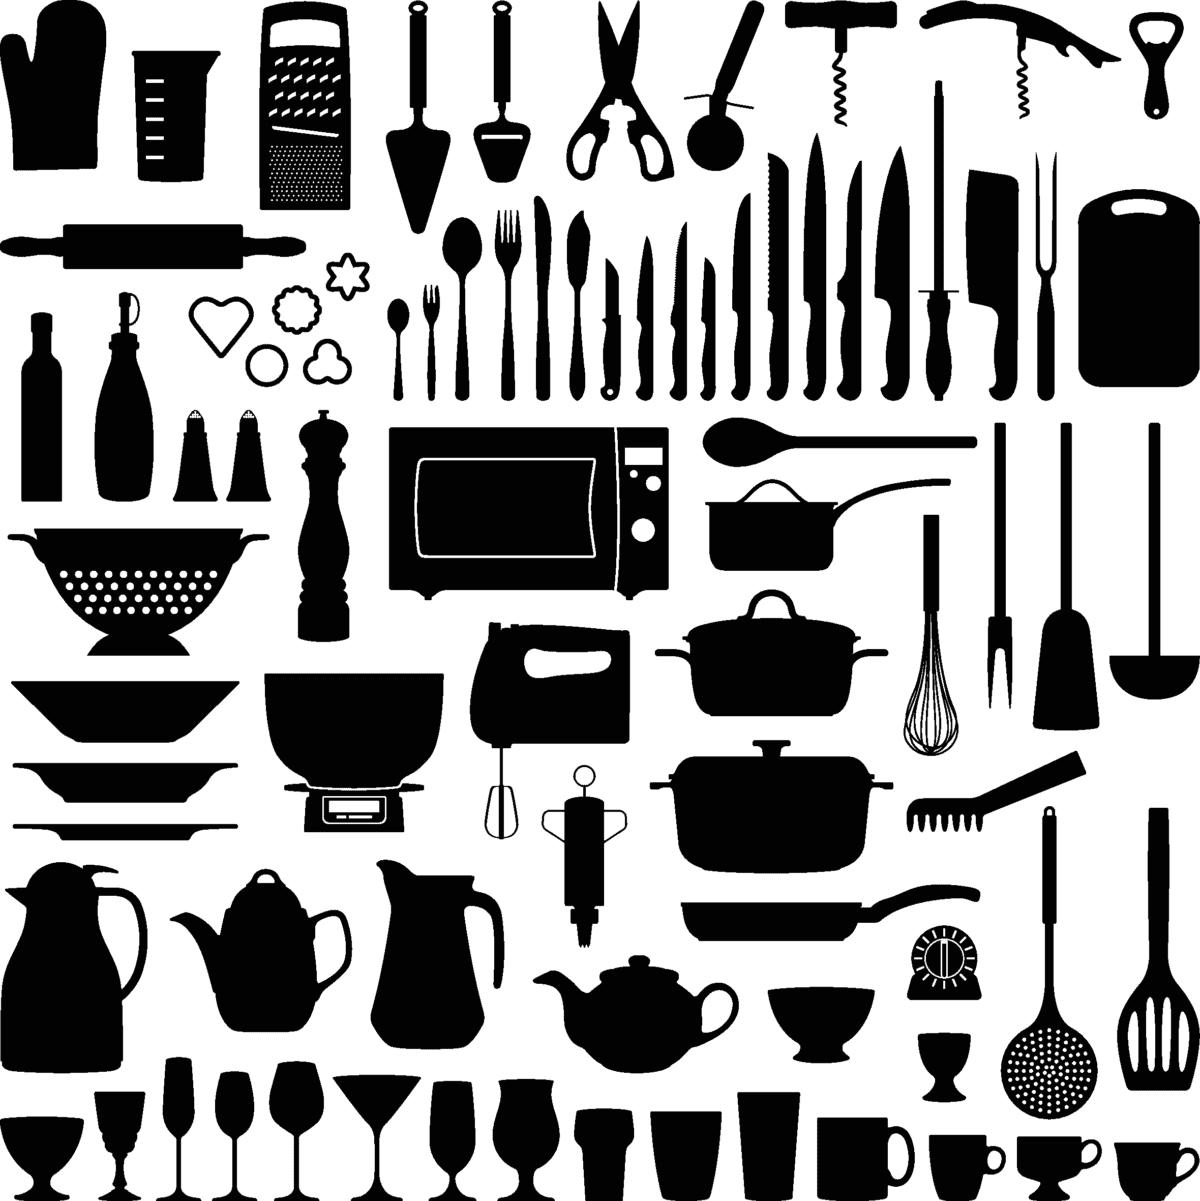 Verschiedenste Küchenutensilien von Töpfen bis Messern in einer Grafik vereint.